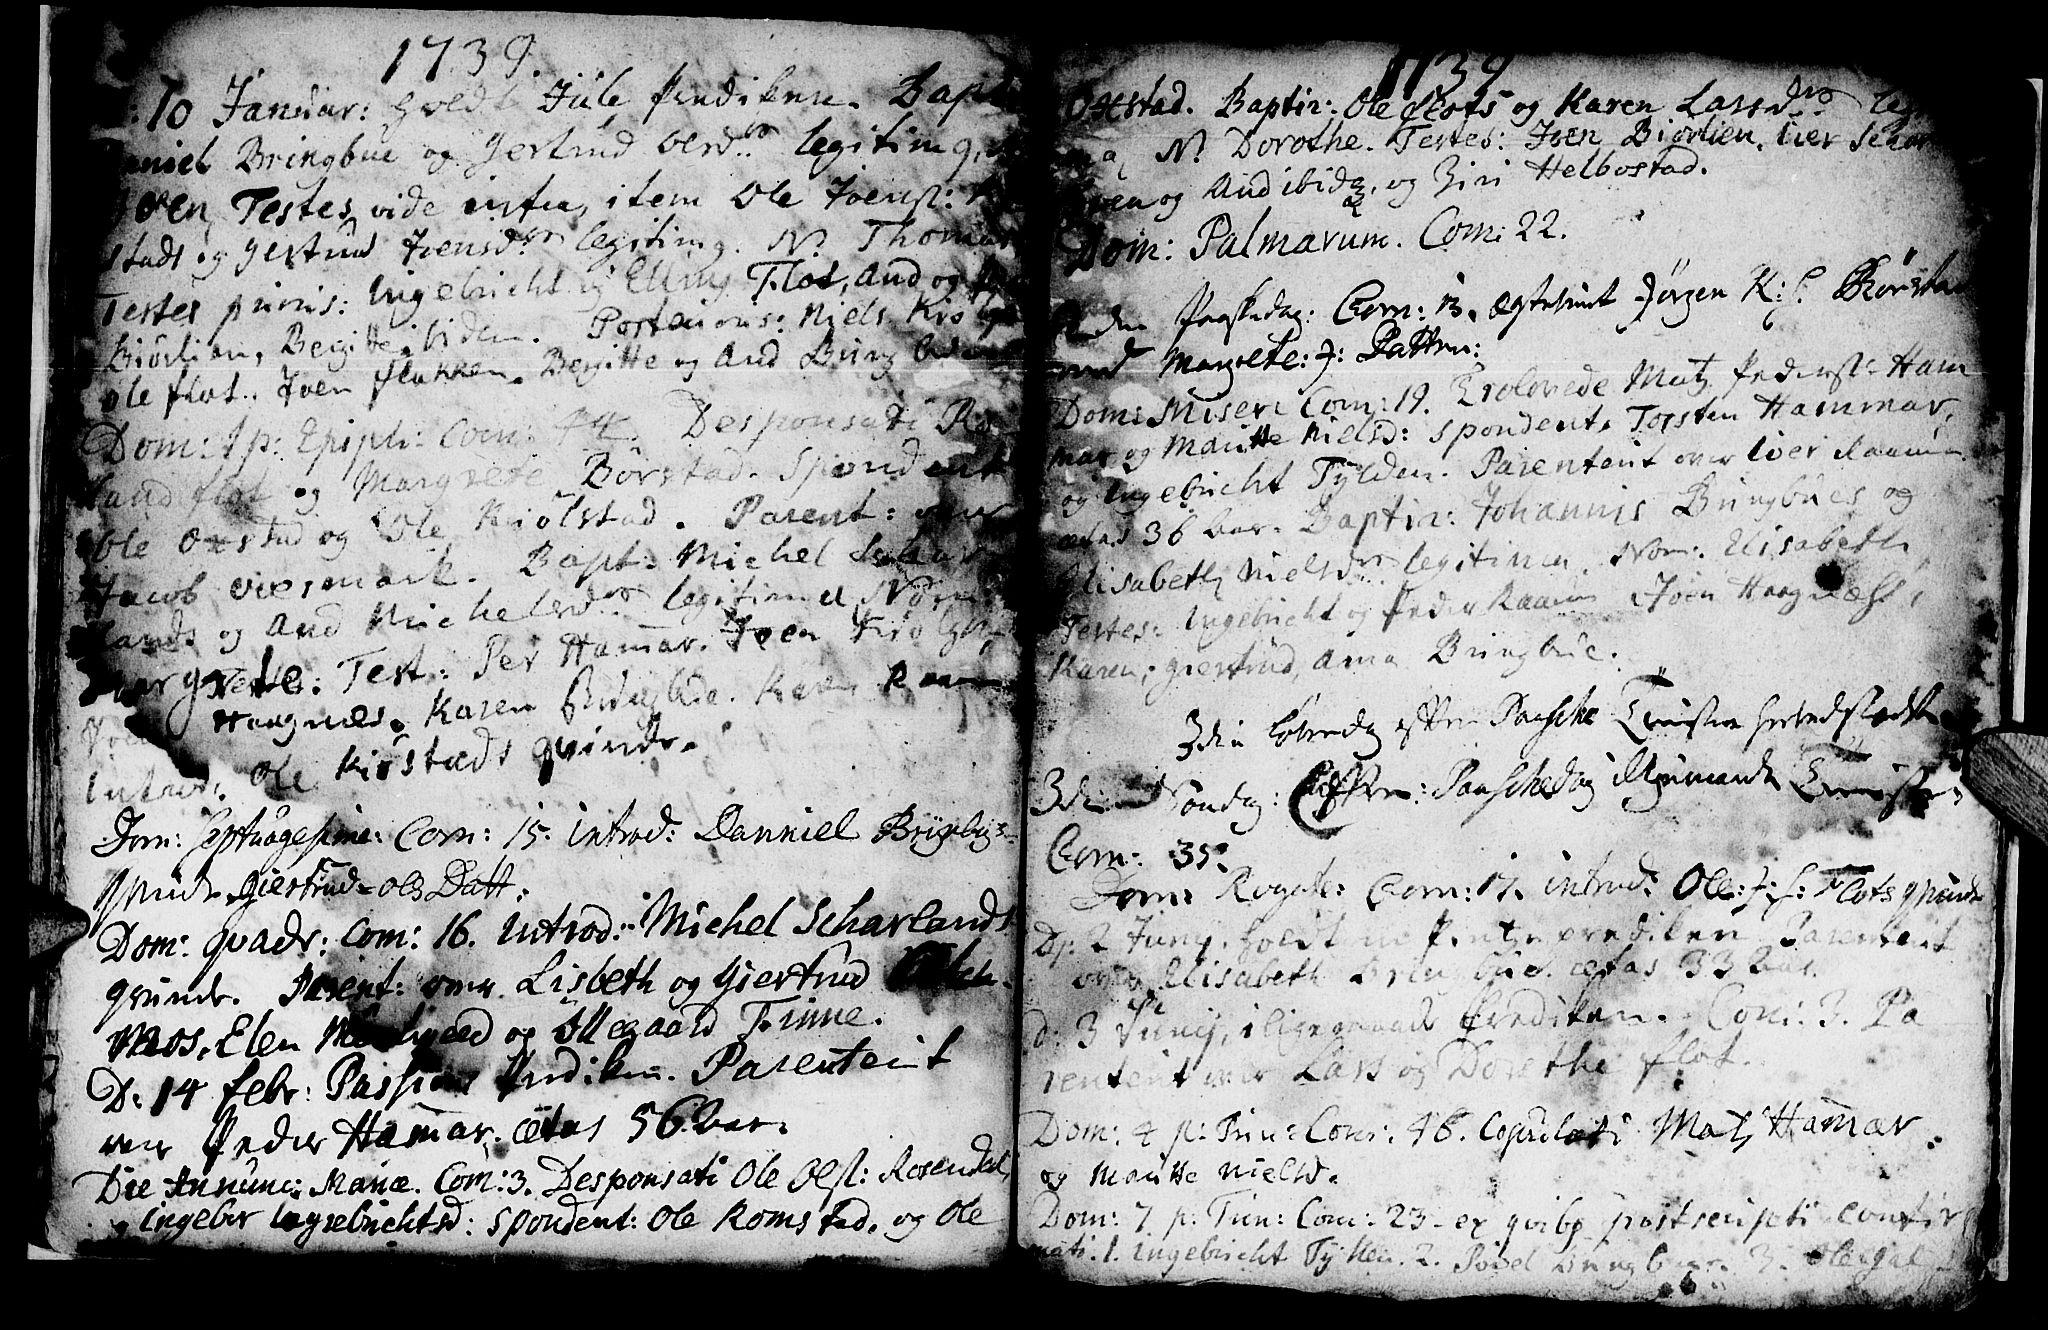 SAT, Ministerialprotokoller, klokkerbøker og fødselsregistre - Nord-Trøndelag, 765/L0560: Ministerialbok nr. 765A01, 1706-1748, s. 22